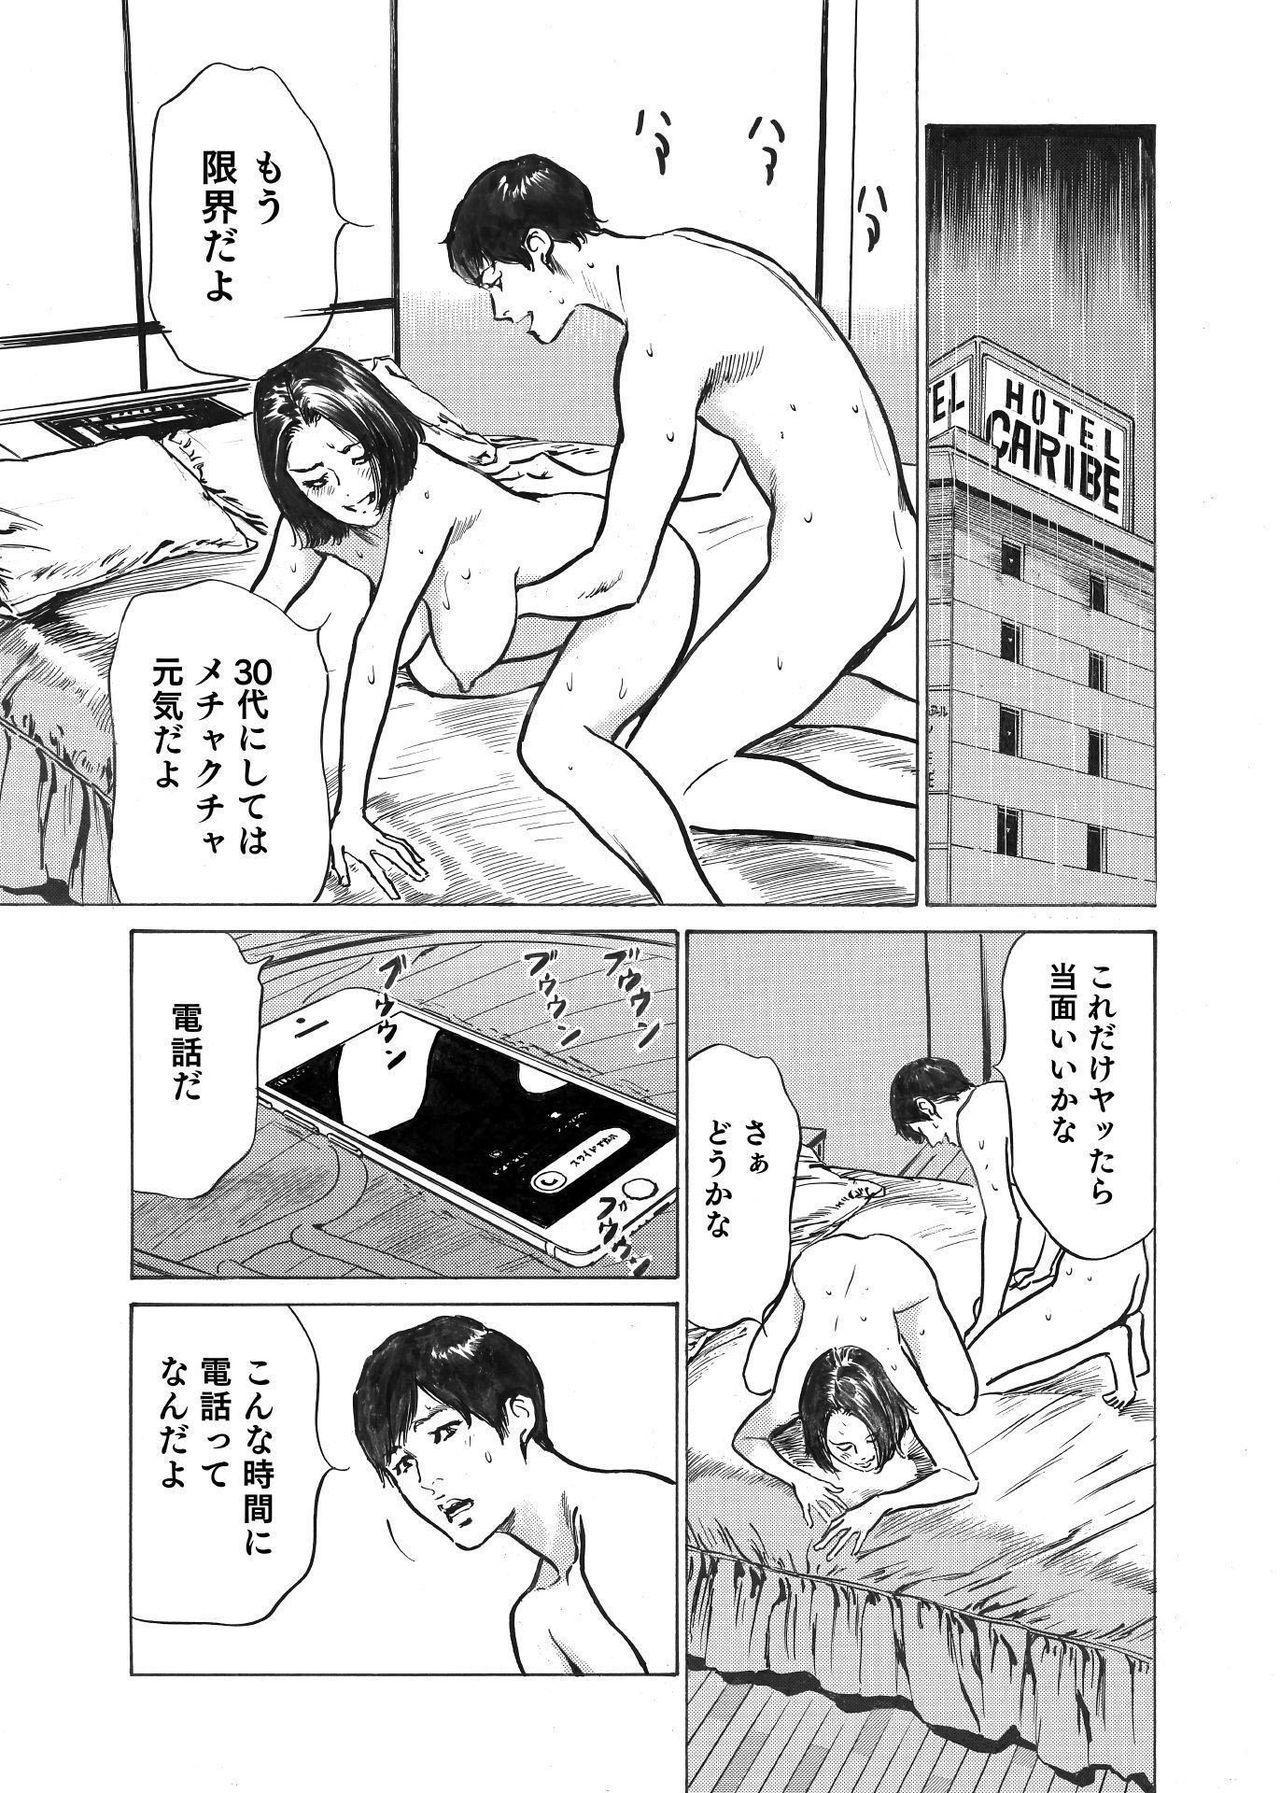 Ore wa Tsuma no Koto o Yoku Shiranai 1-9 6